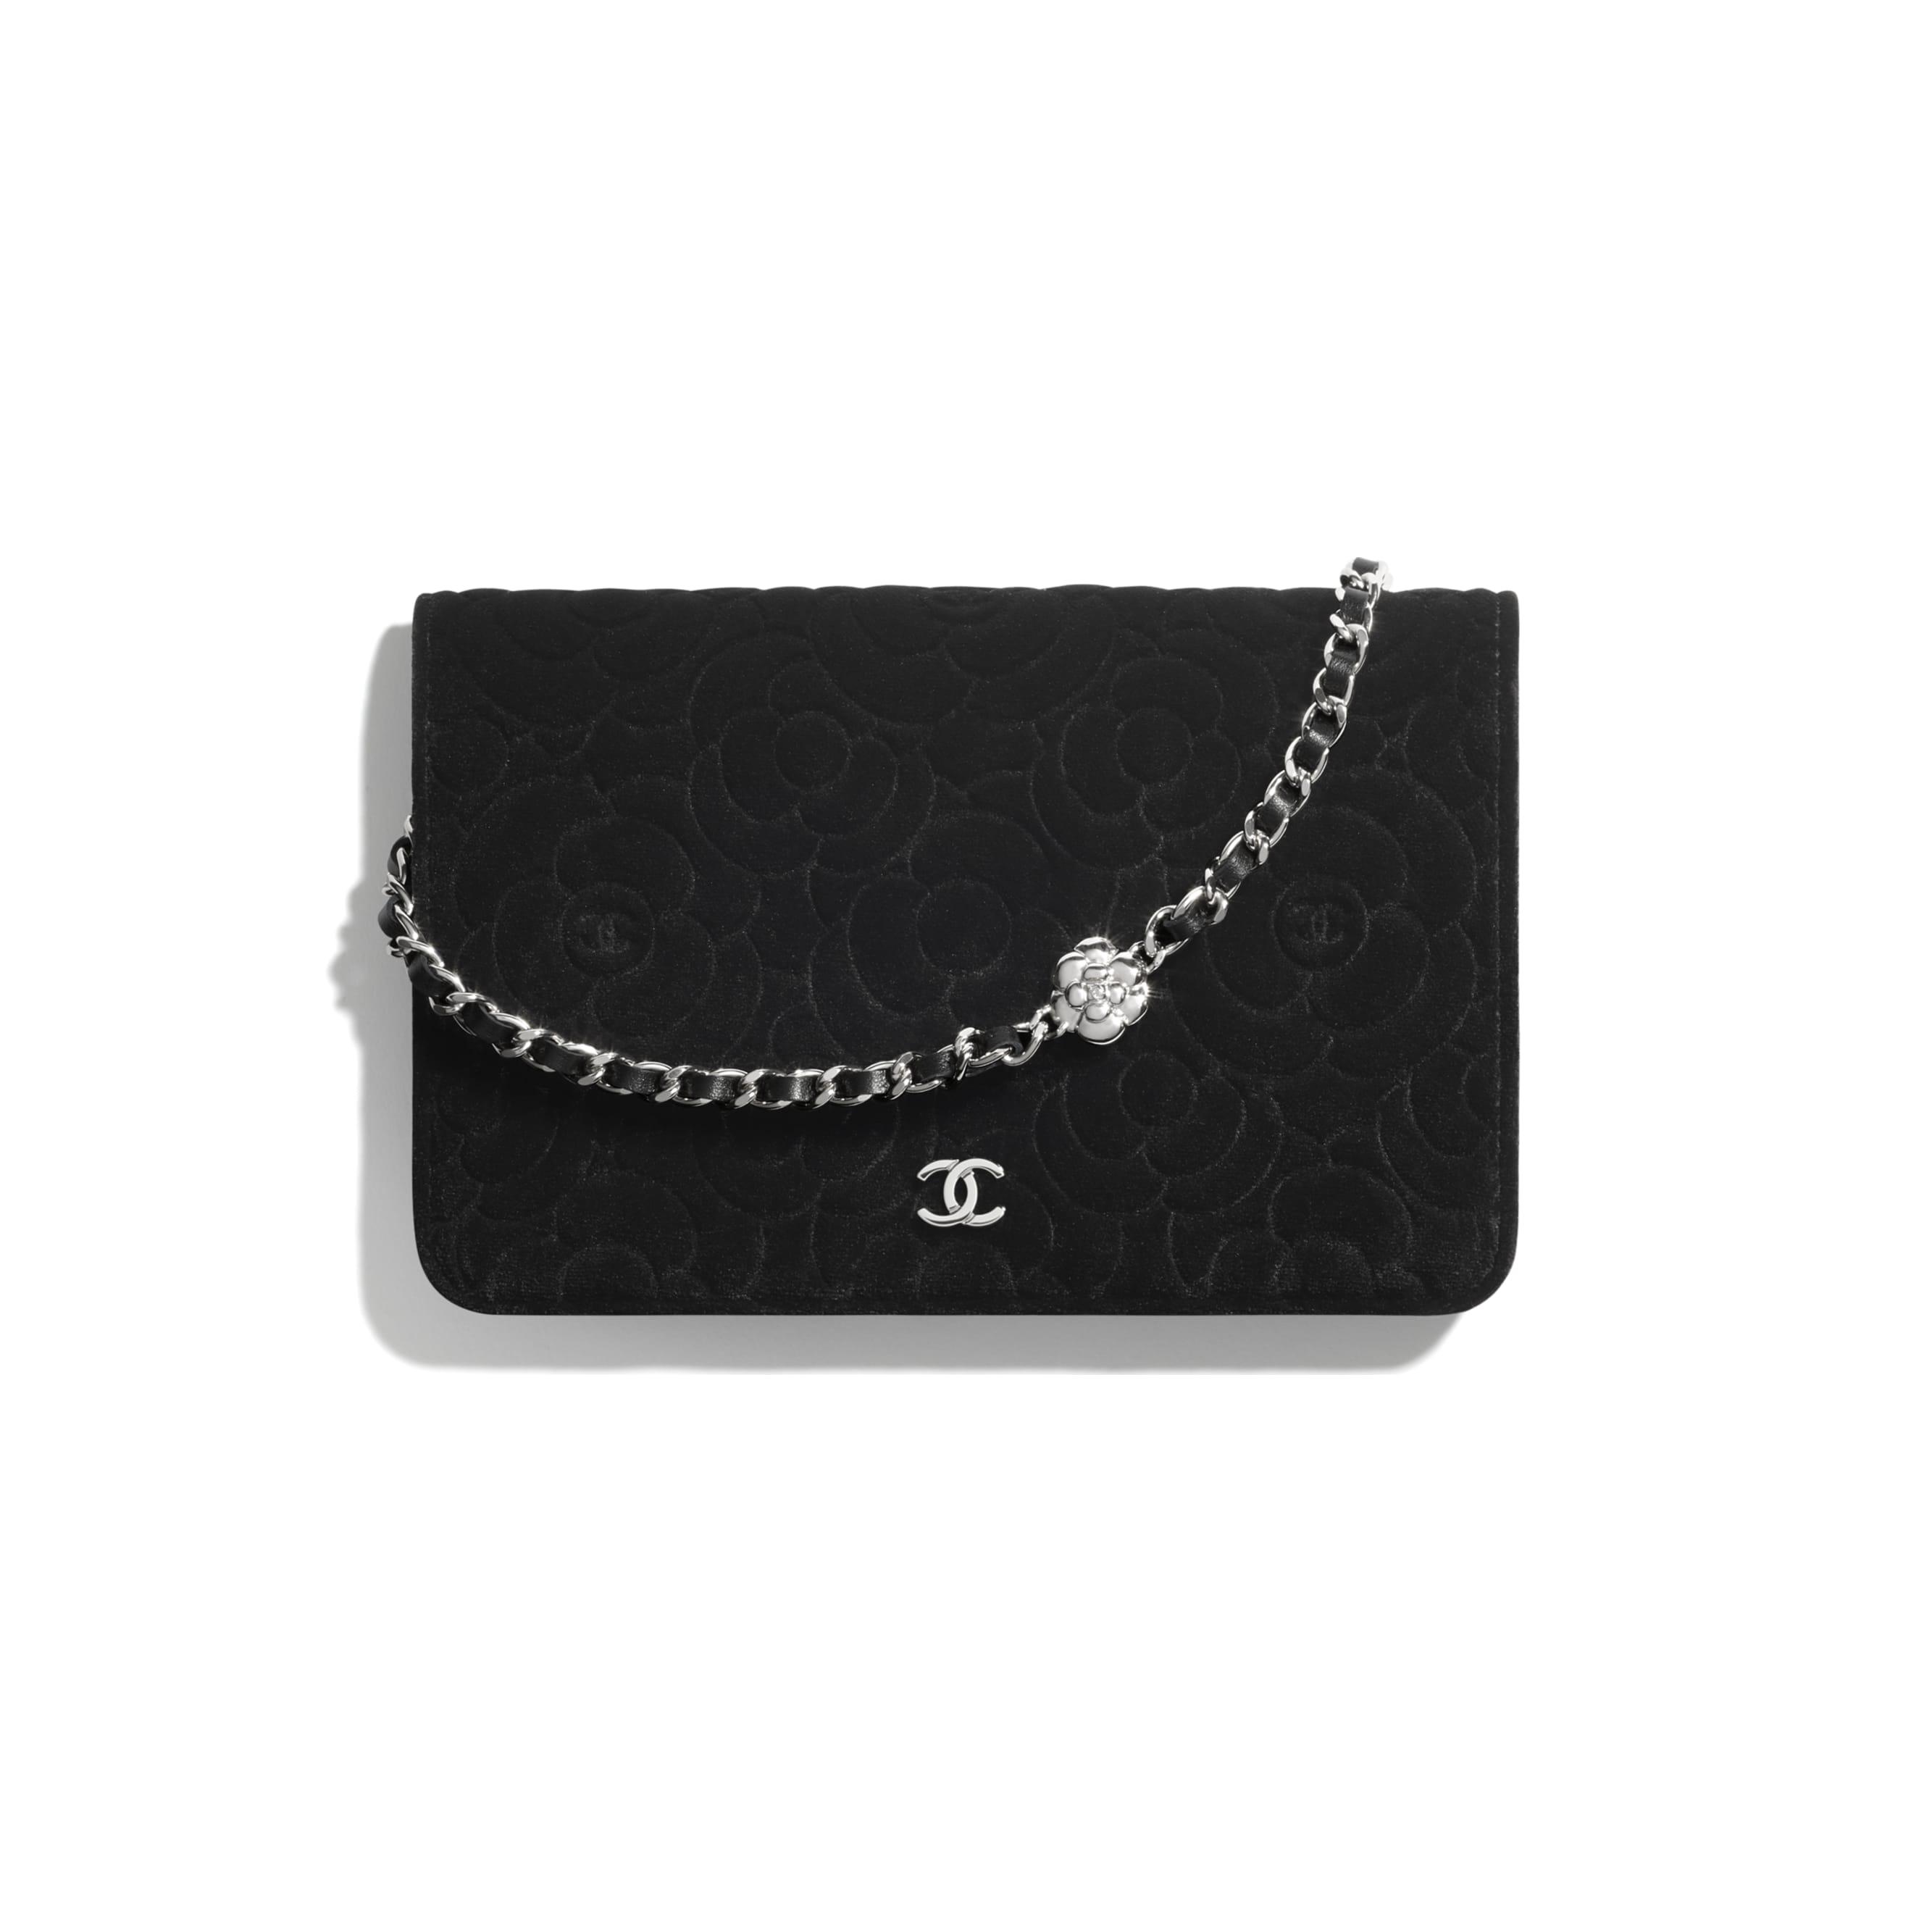 Wallet on chain - Noir - Velours & métal argenté - CHANEL - Vue par défaut - voir la version taille standard